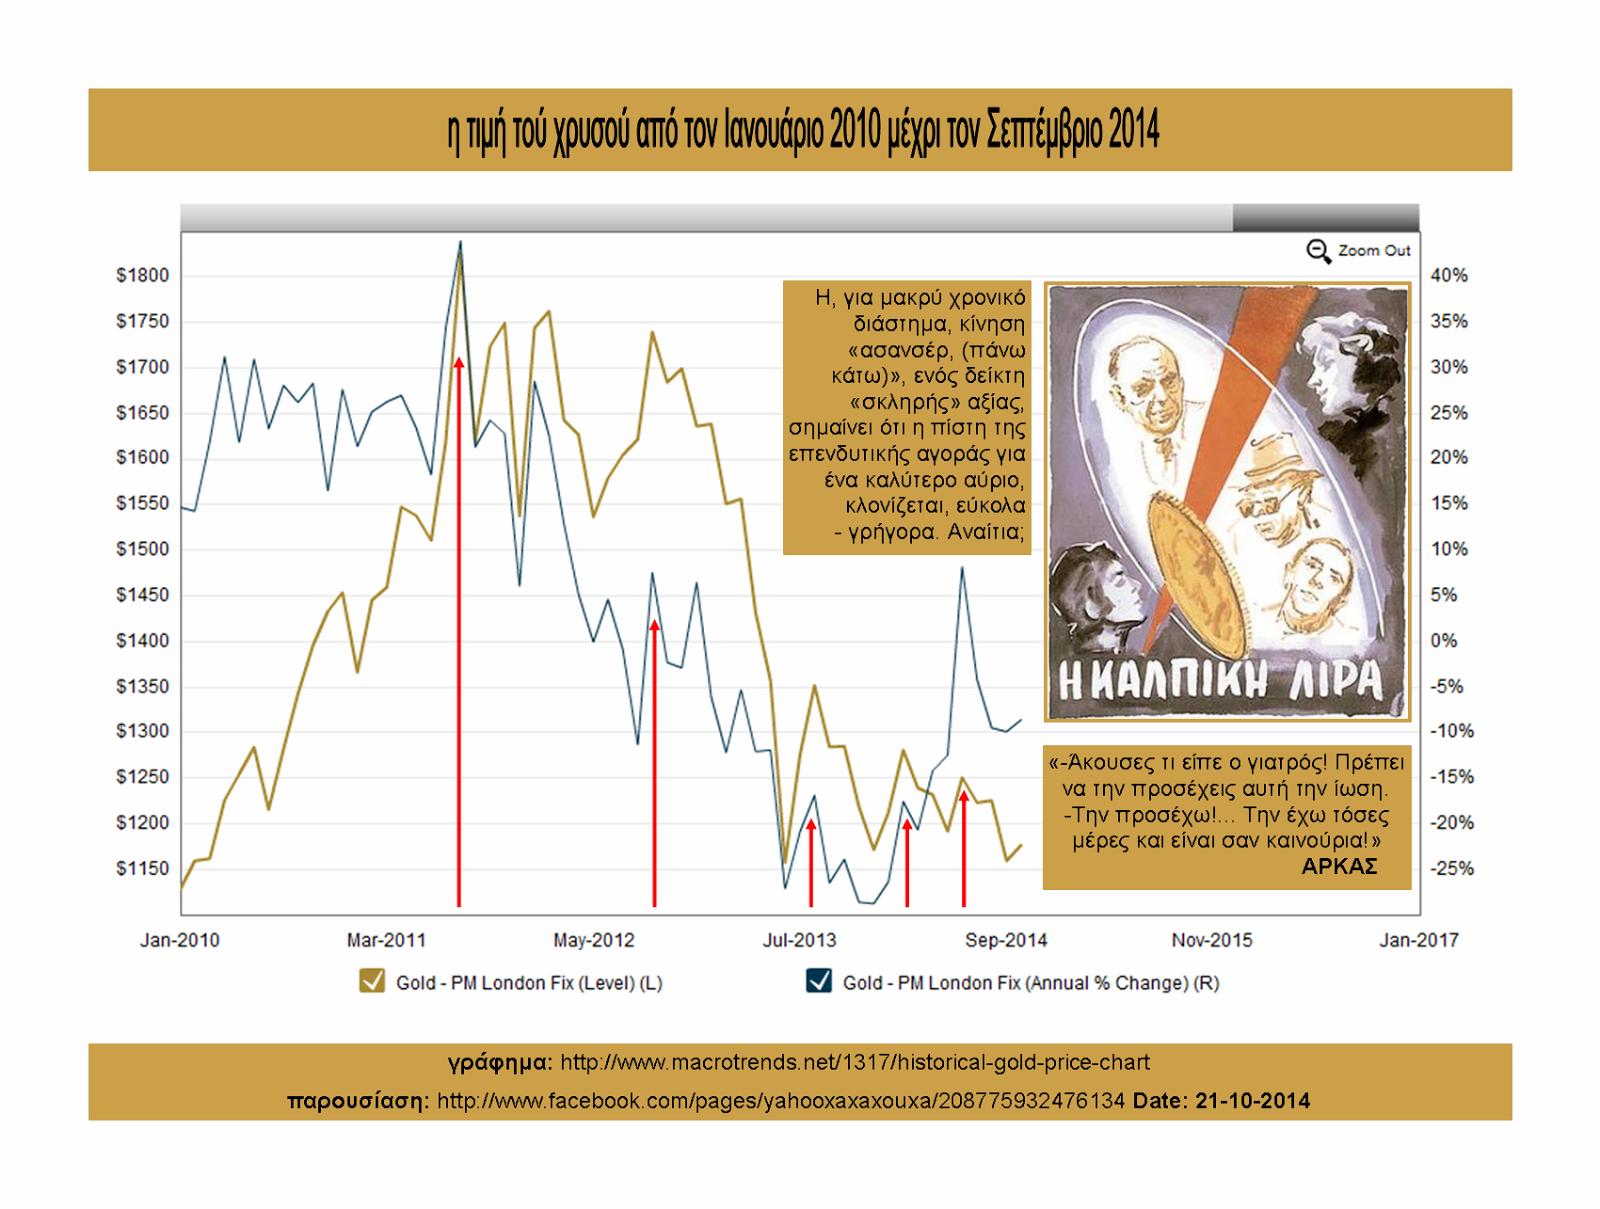 gold price index 2000-2014